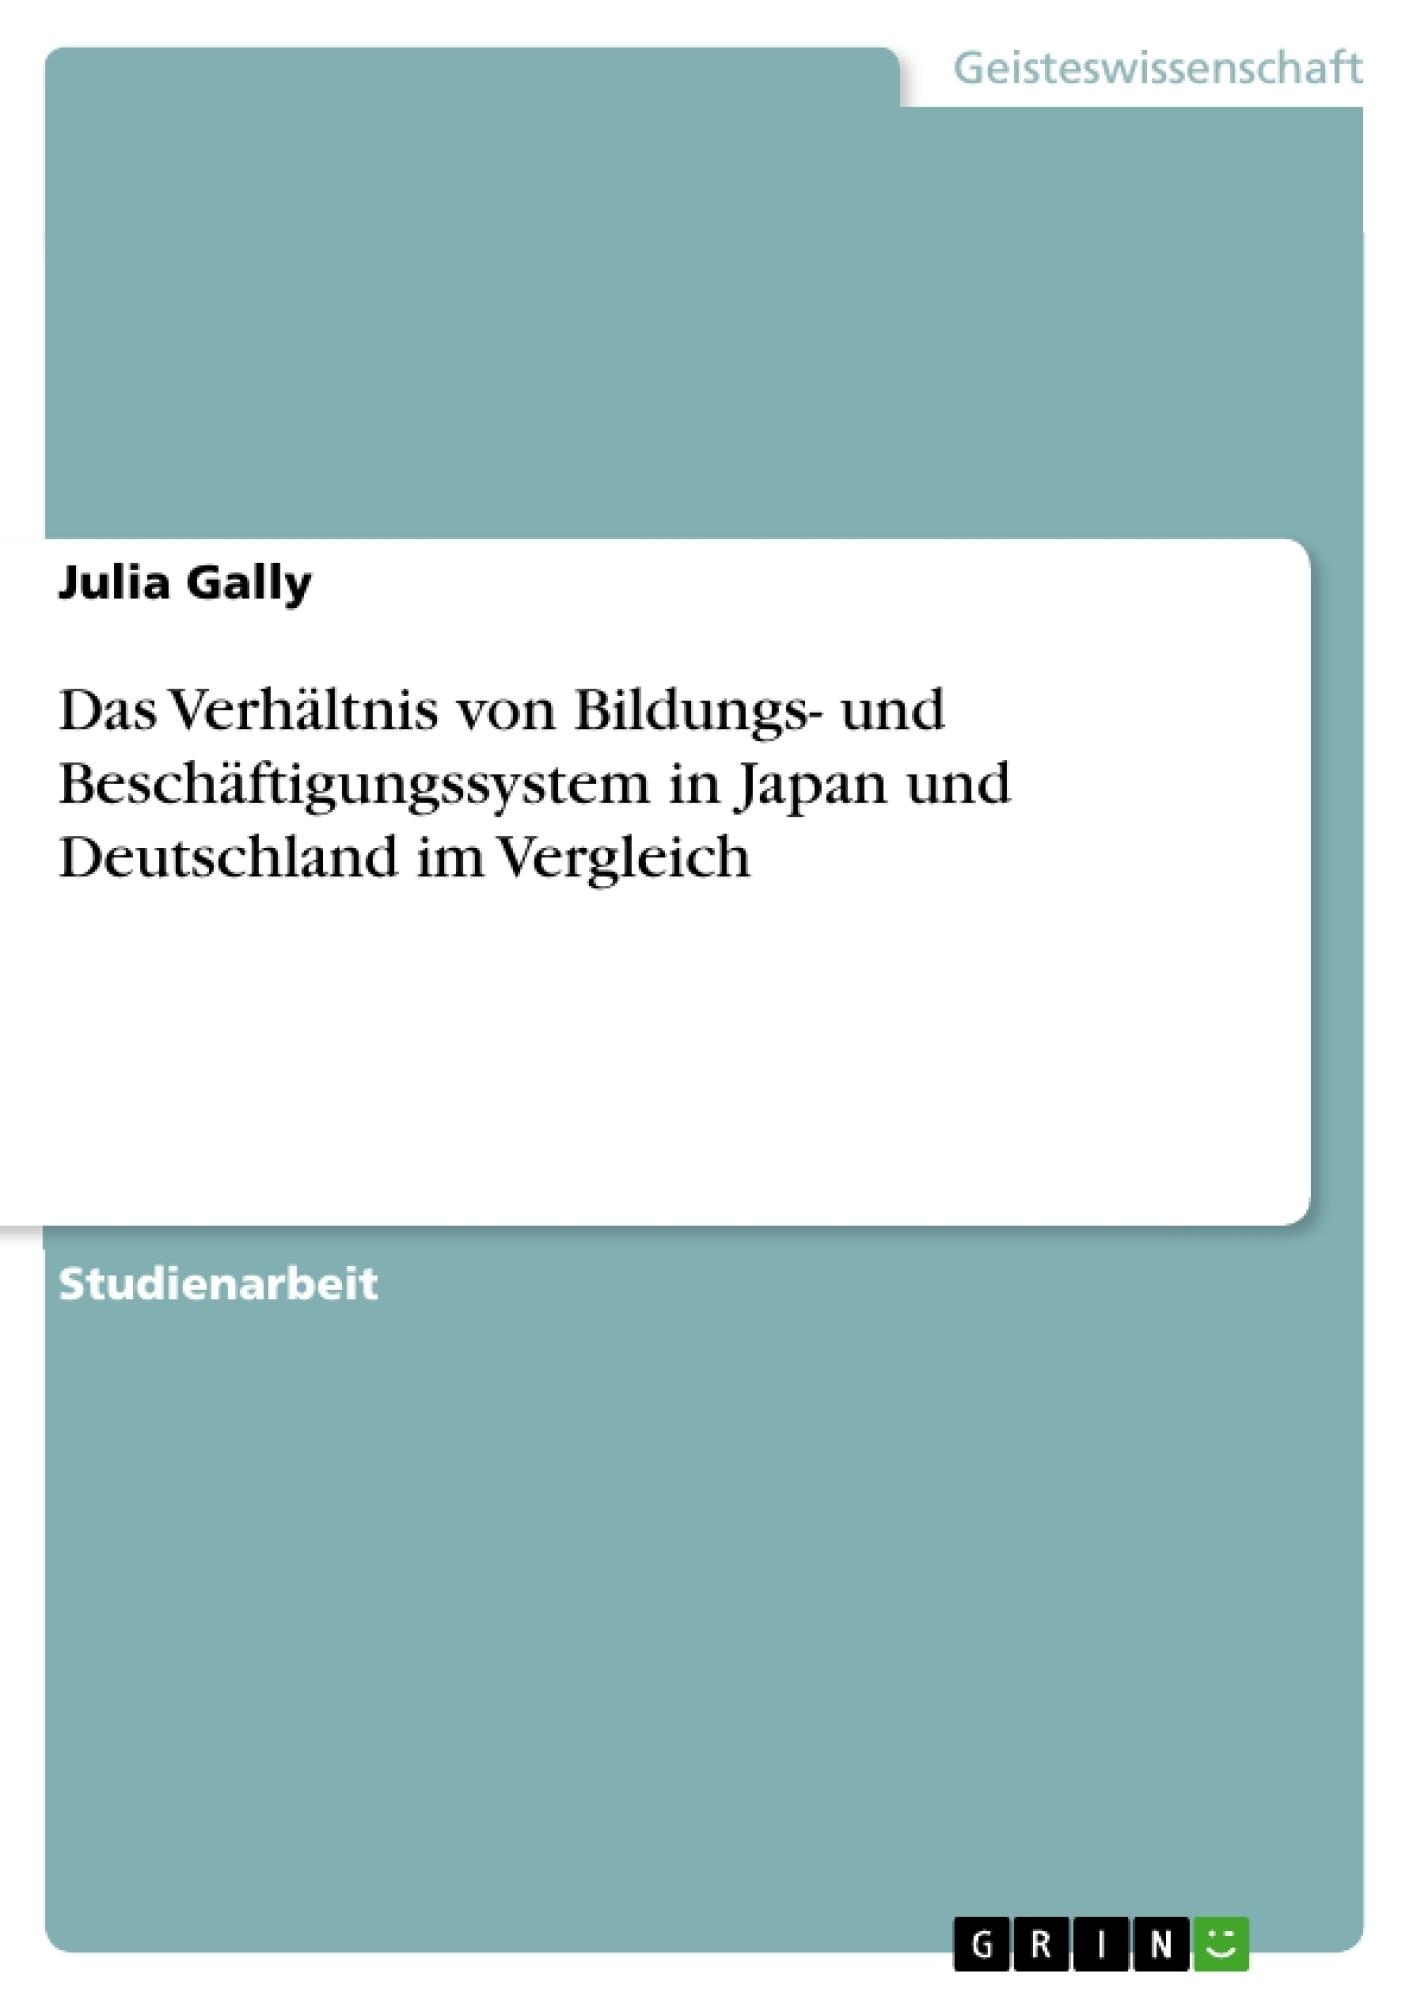 Titel: Das Verhältnis von Bildungs- und Beschäftigungssystem in Japan und Deutschland im Vergleich